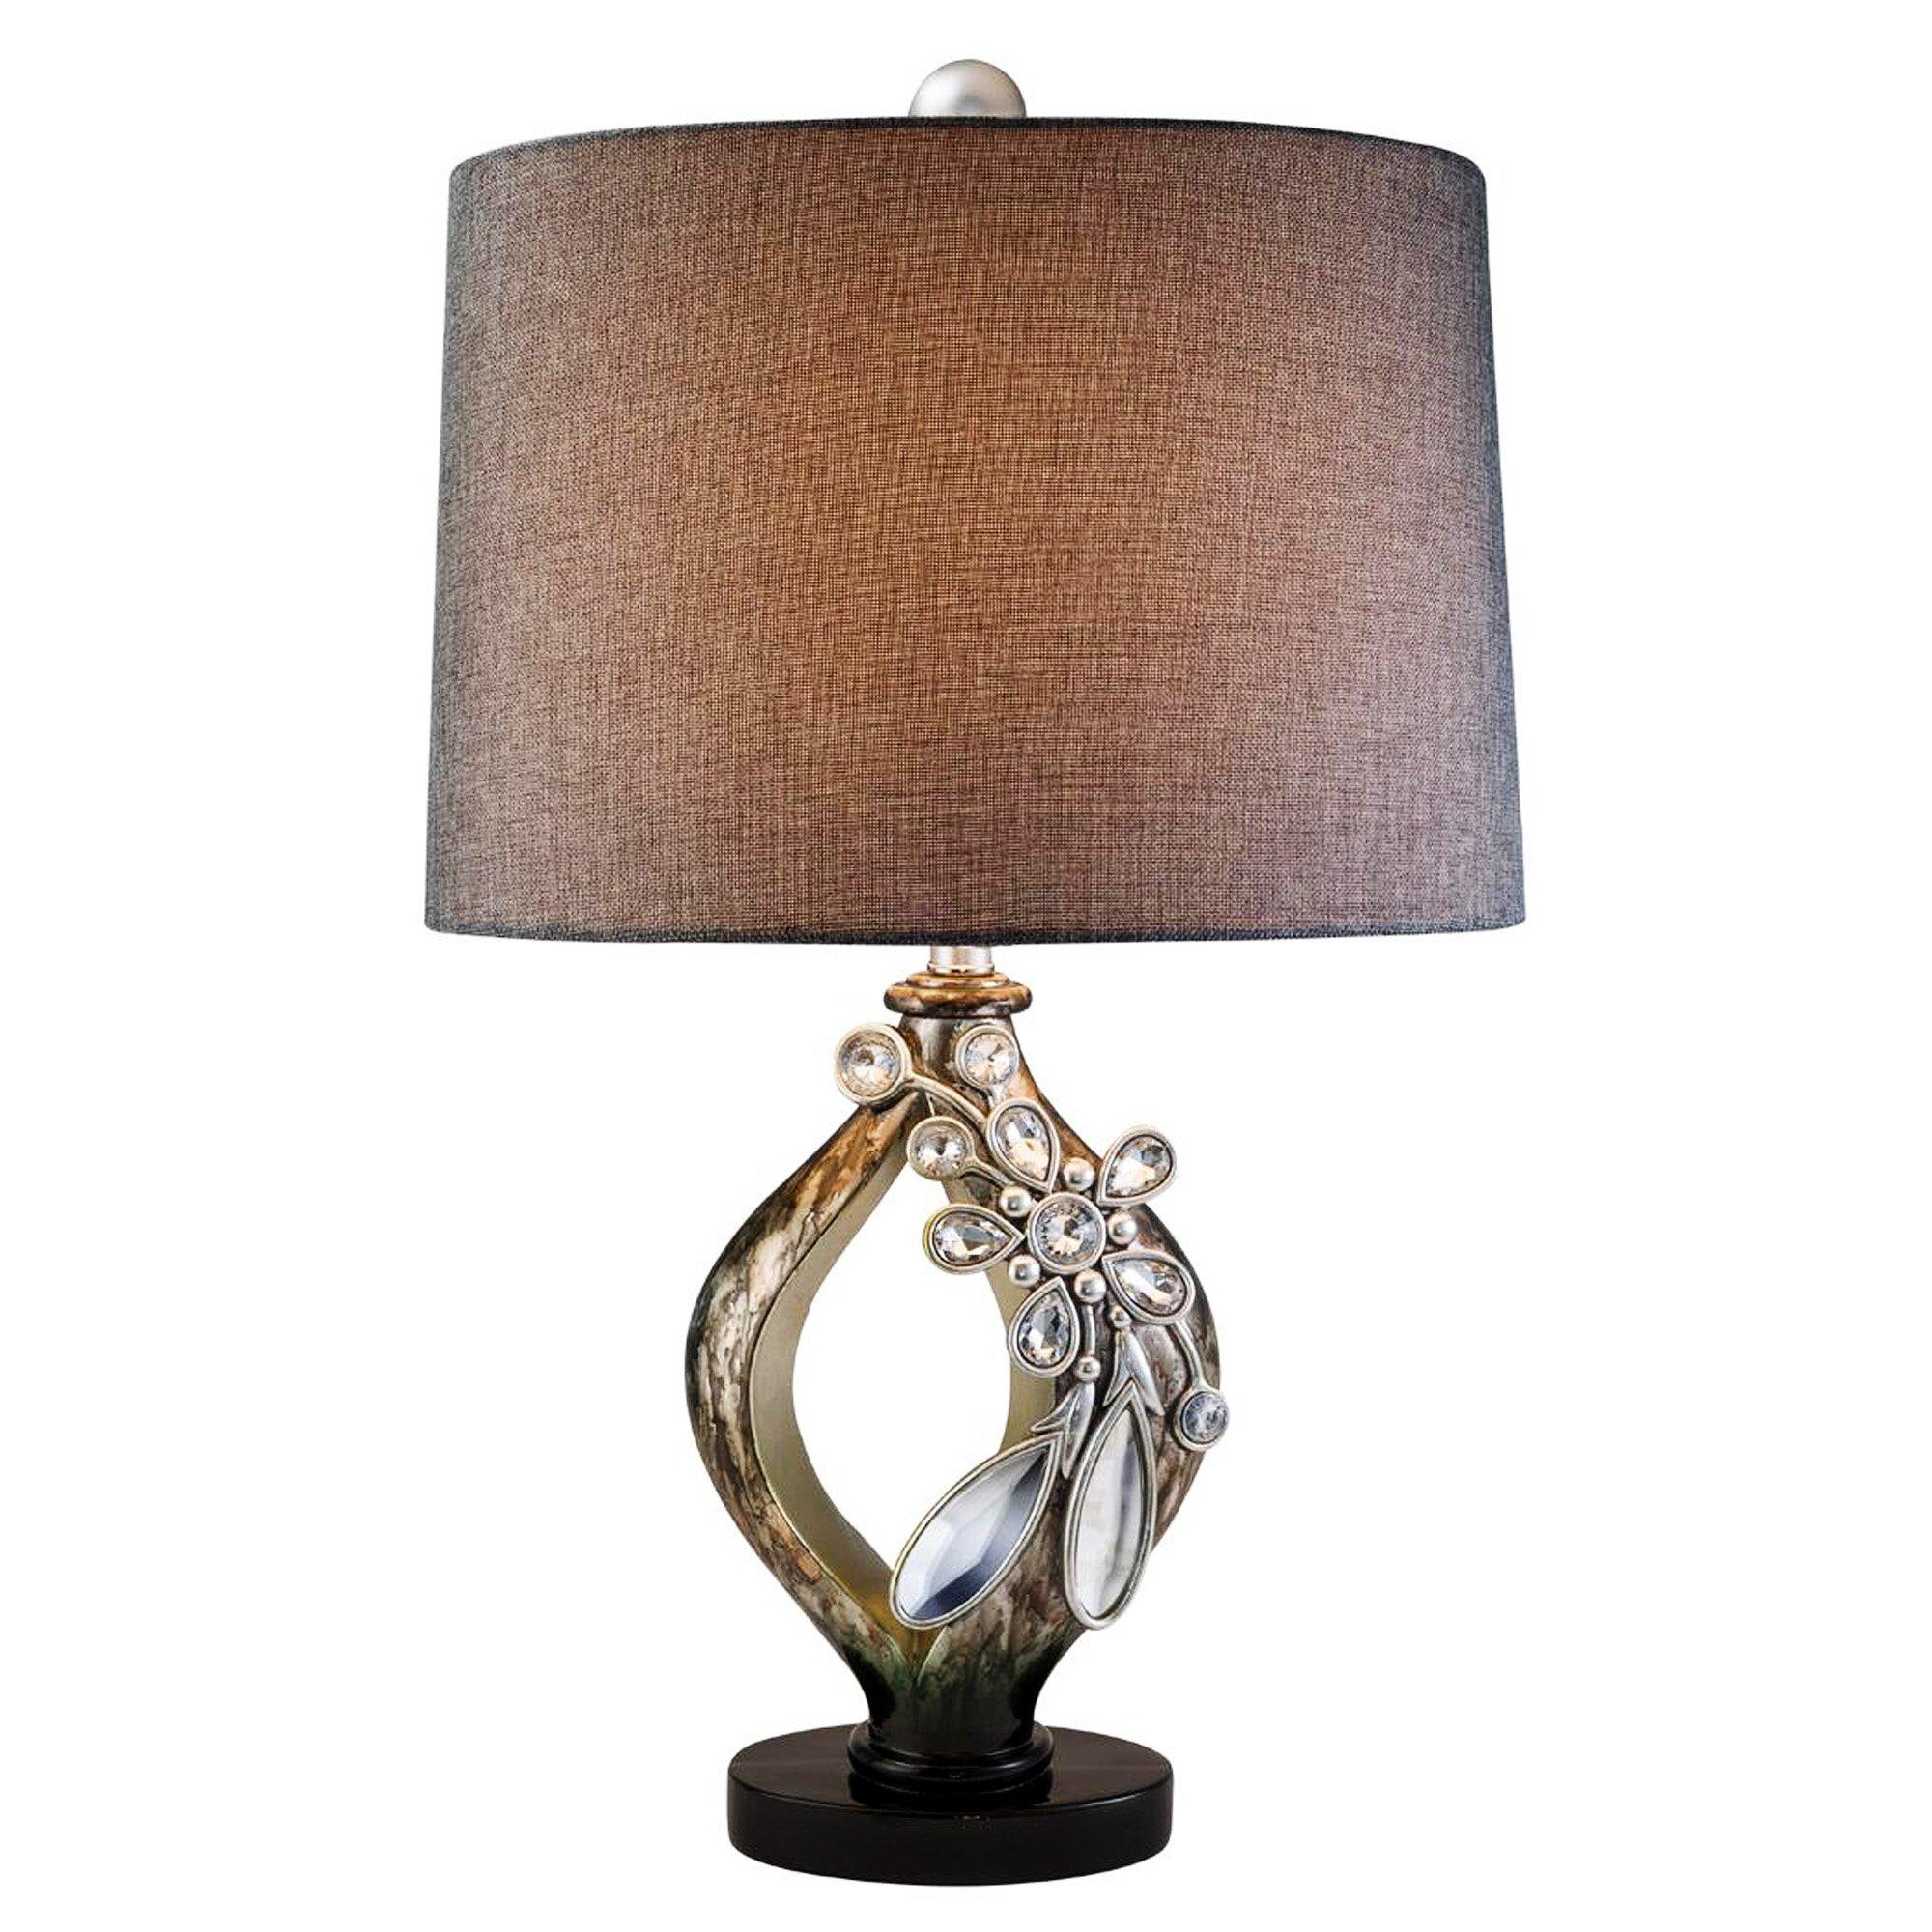 Superior Belleria #1: ORE-Furniture-Belleria-28-Table-Lamp.jpg